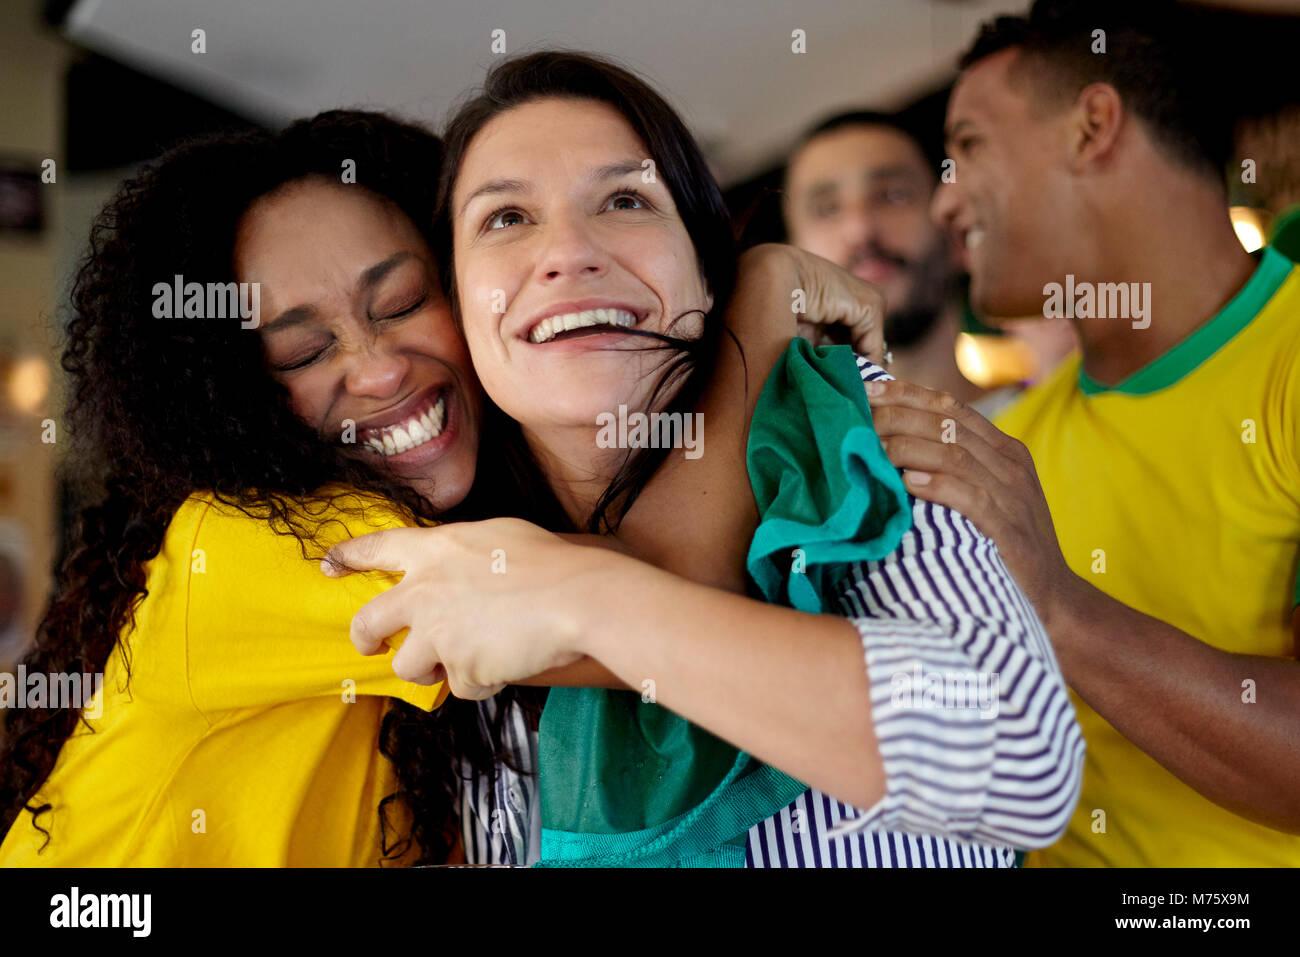 Sportbegeisterte feiert Sieg in bar Stockbild